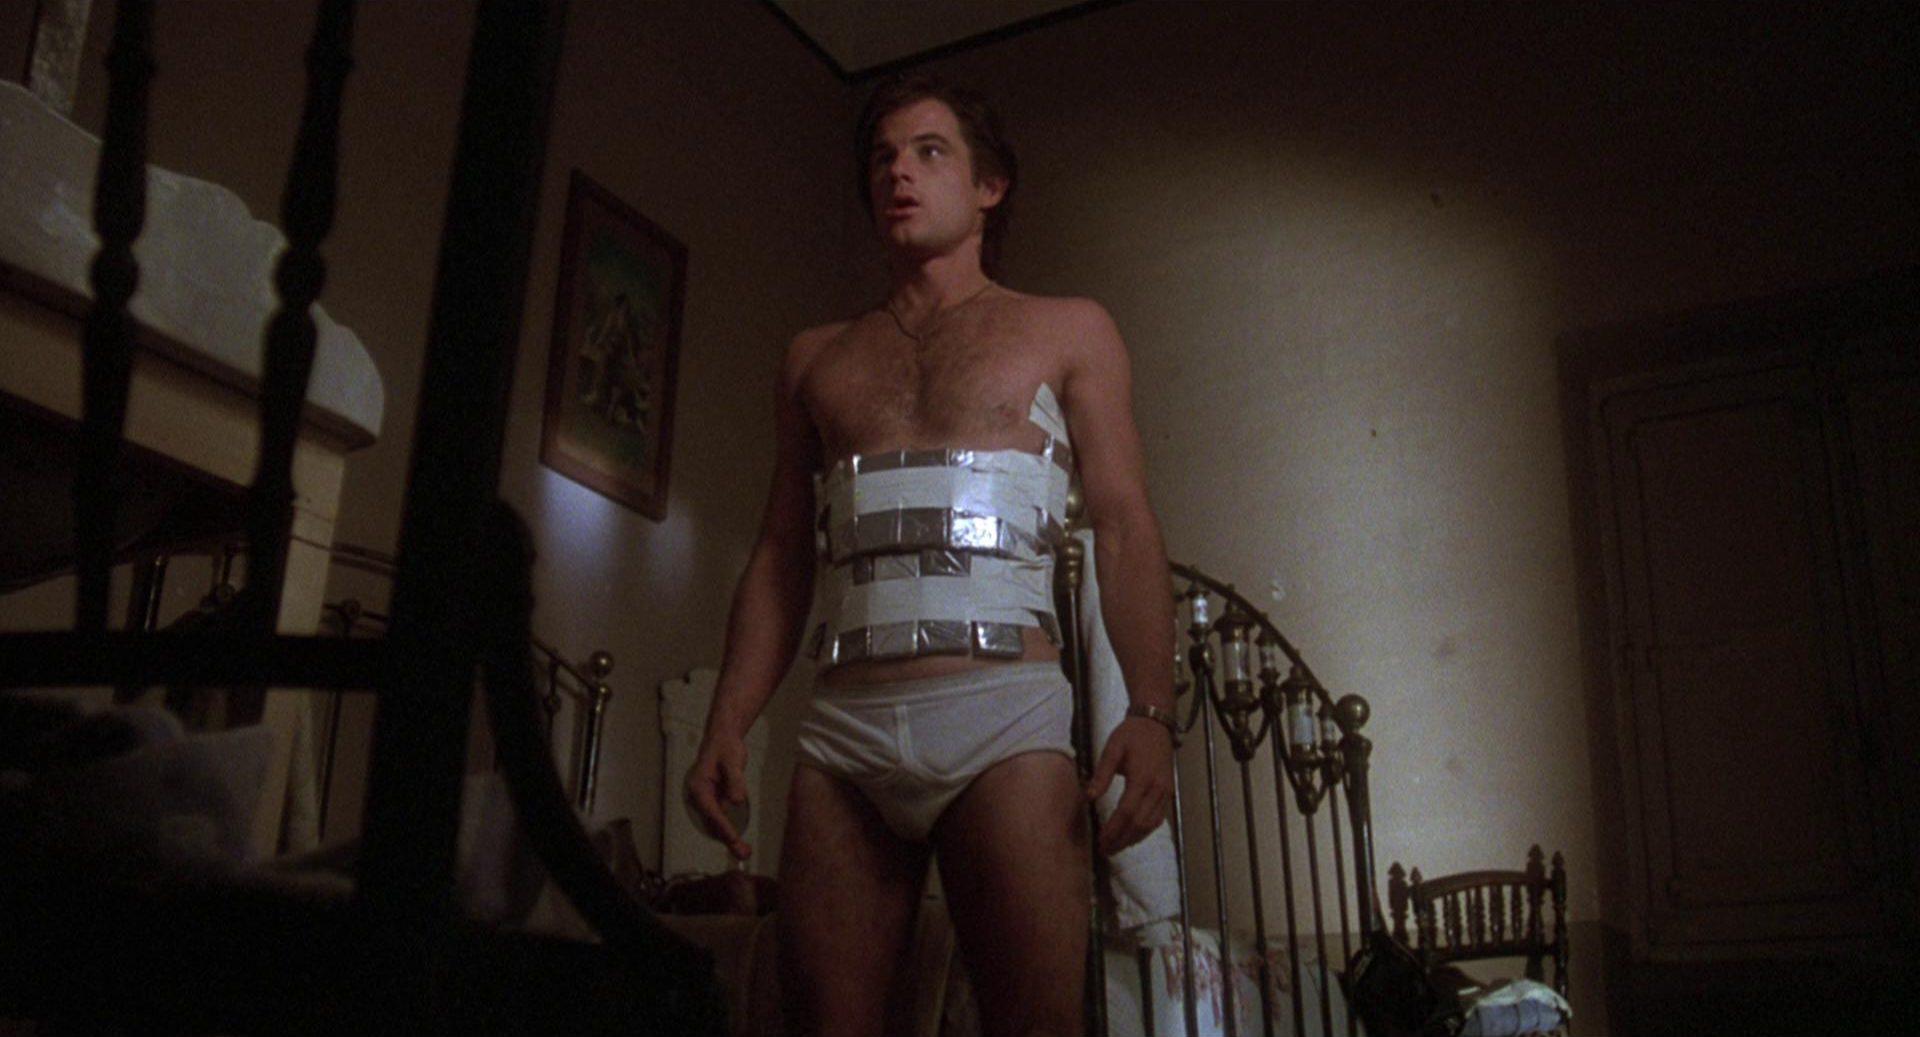 Brad Davis als Billy Hayes mit angelegten Drogenpäckchen in seinem Zimmer.